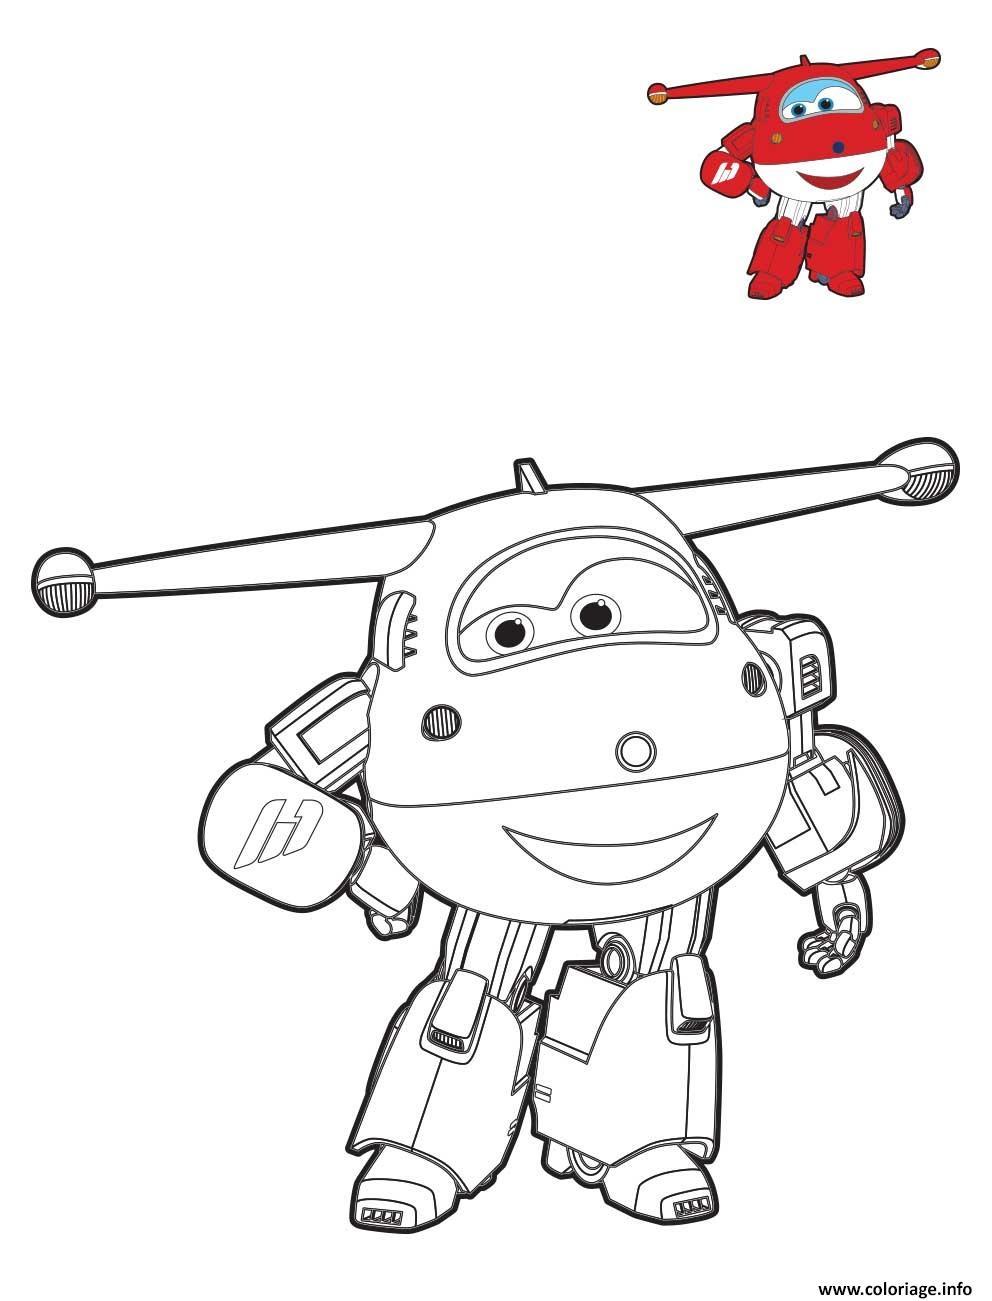 Coloriage Super Wings Jett Robot Dessin tout Coloriage Robot À Imprimer